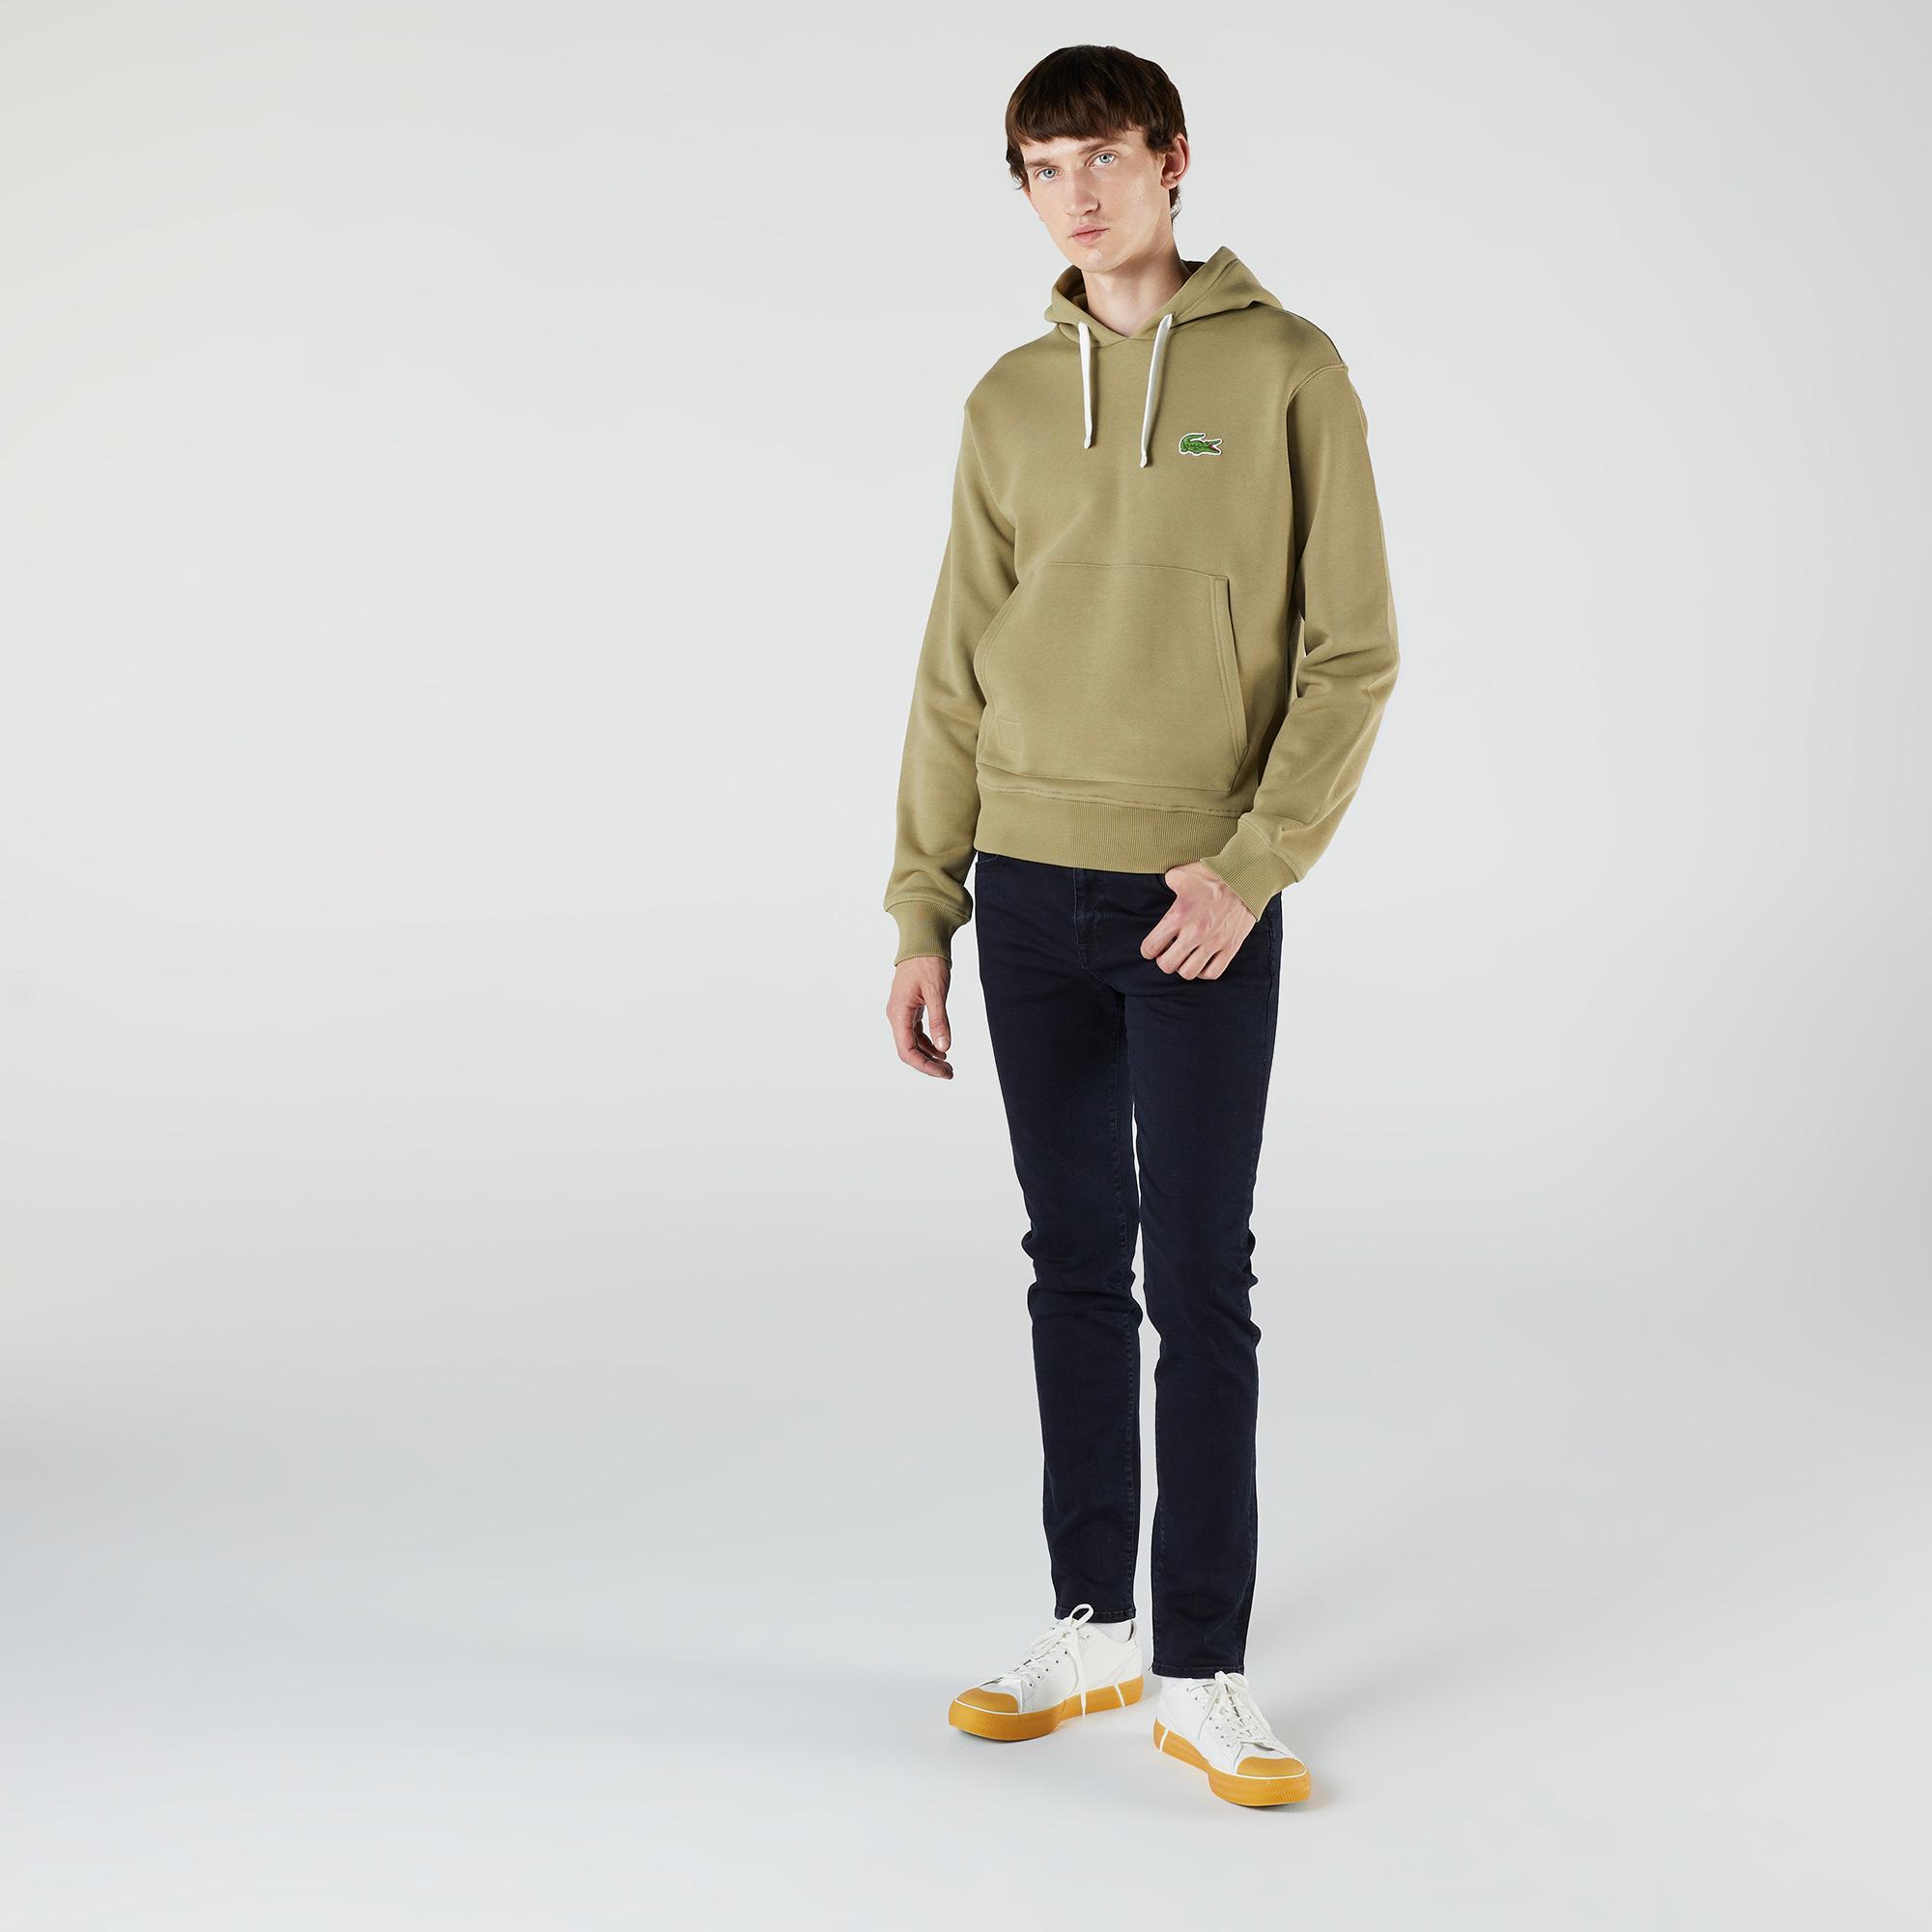 Lacoste Unisex Classic Fit Kapüşonlu Haki Sweatshirt